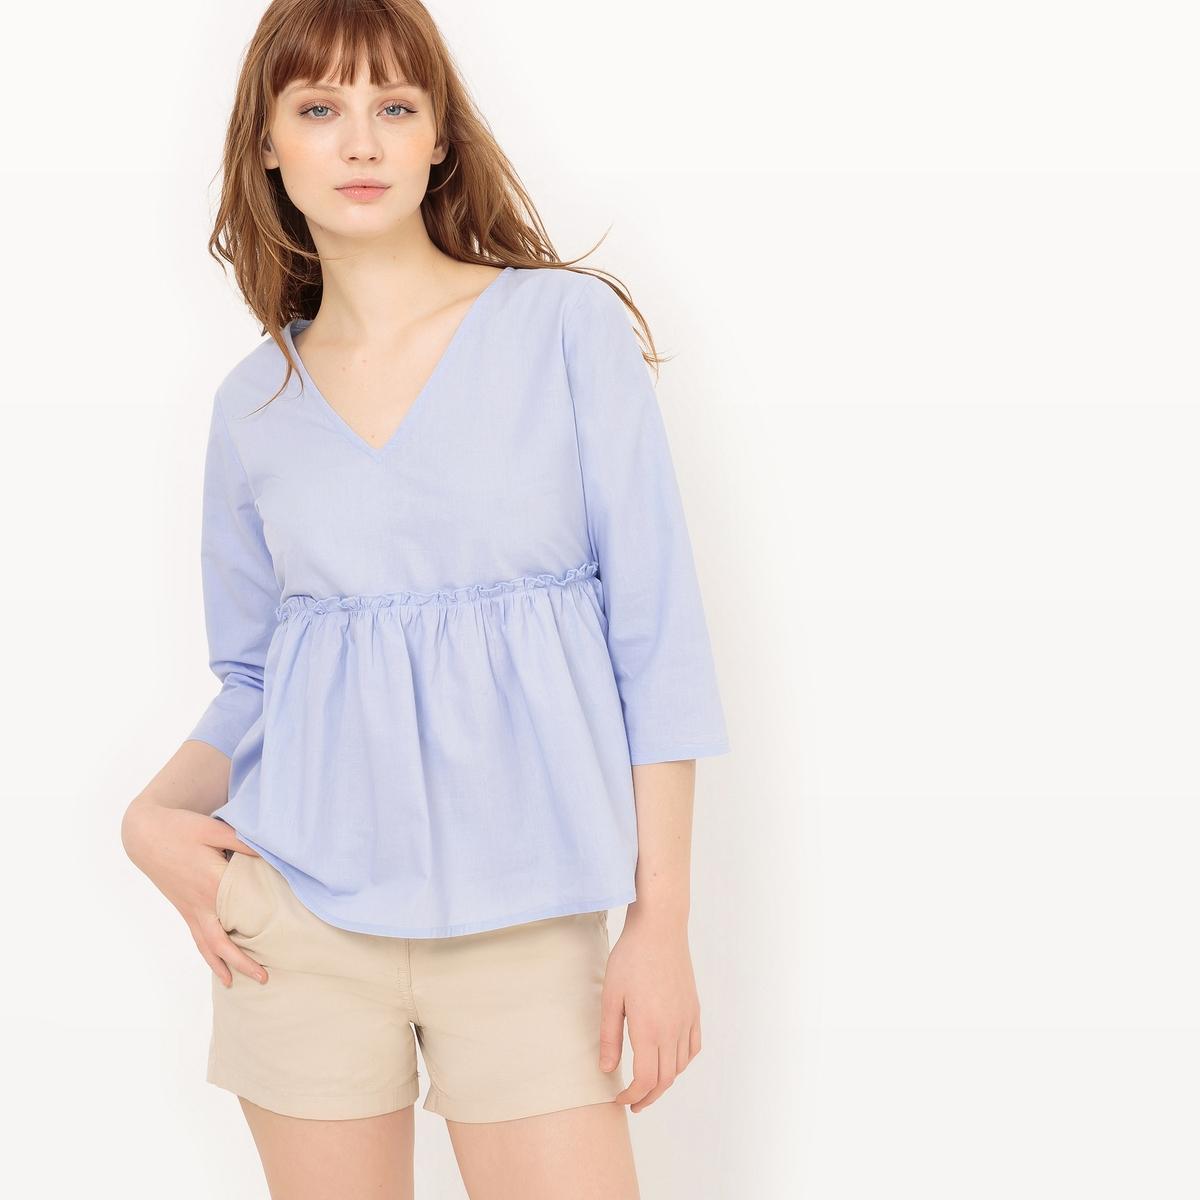 Блузка расширяющегося к низу покроя с короткими рукавами из хлопка